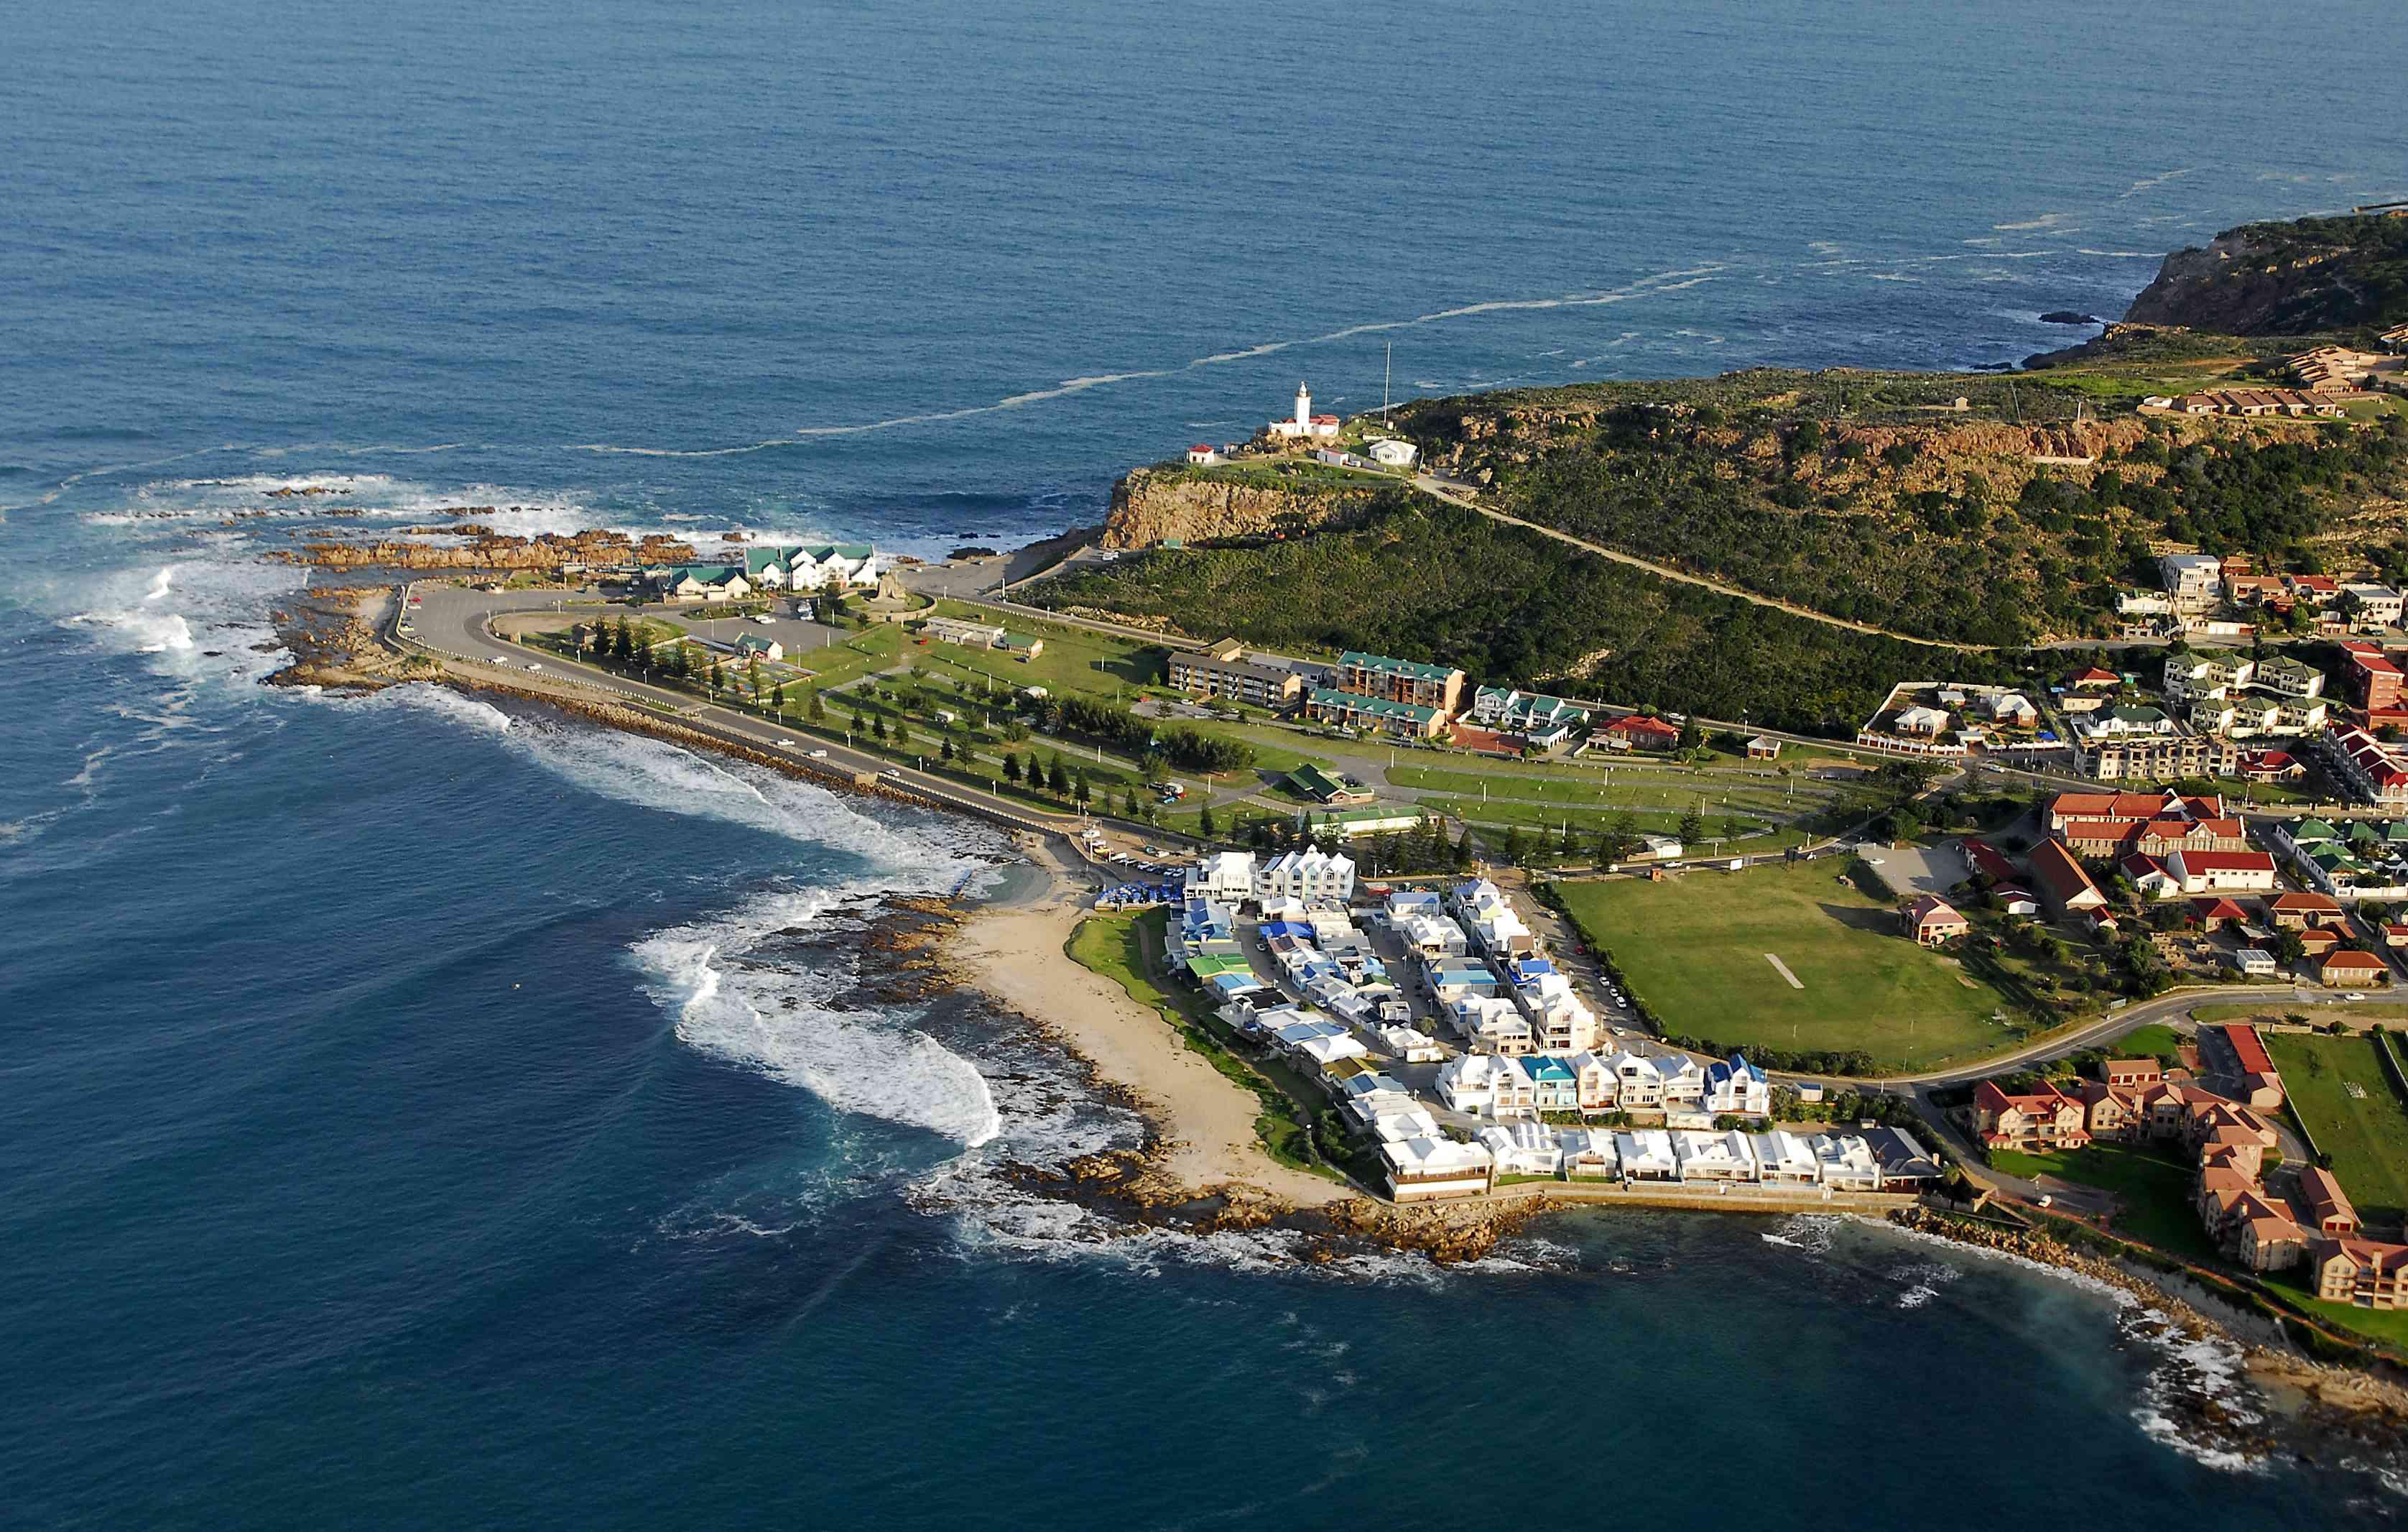 Vista aérea de Mossel Bay, Sudáfrica